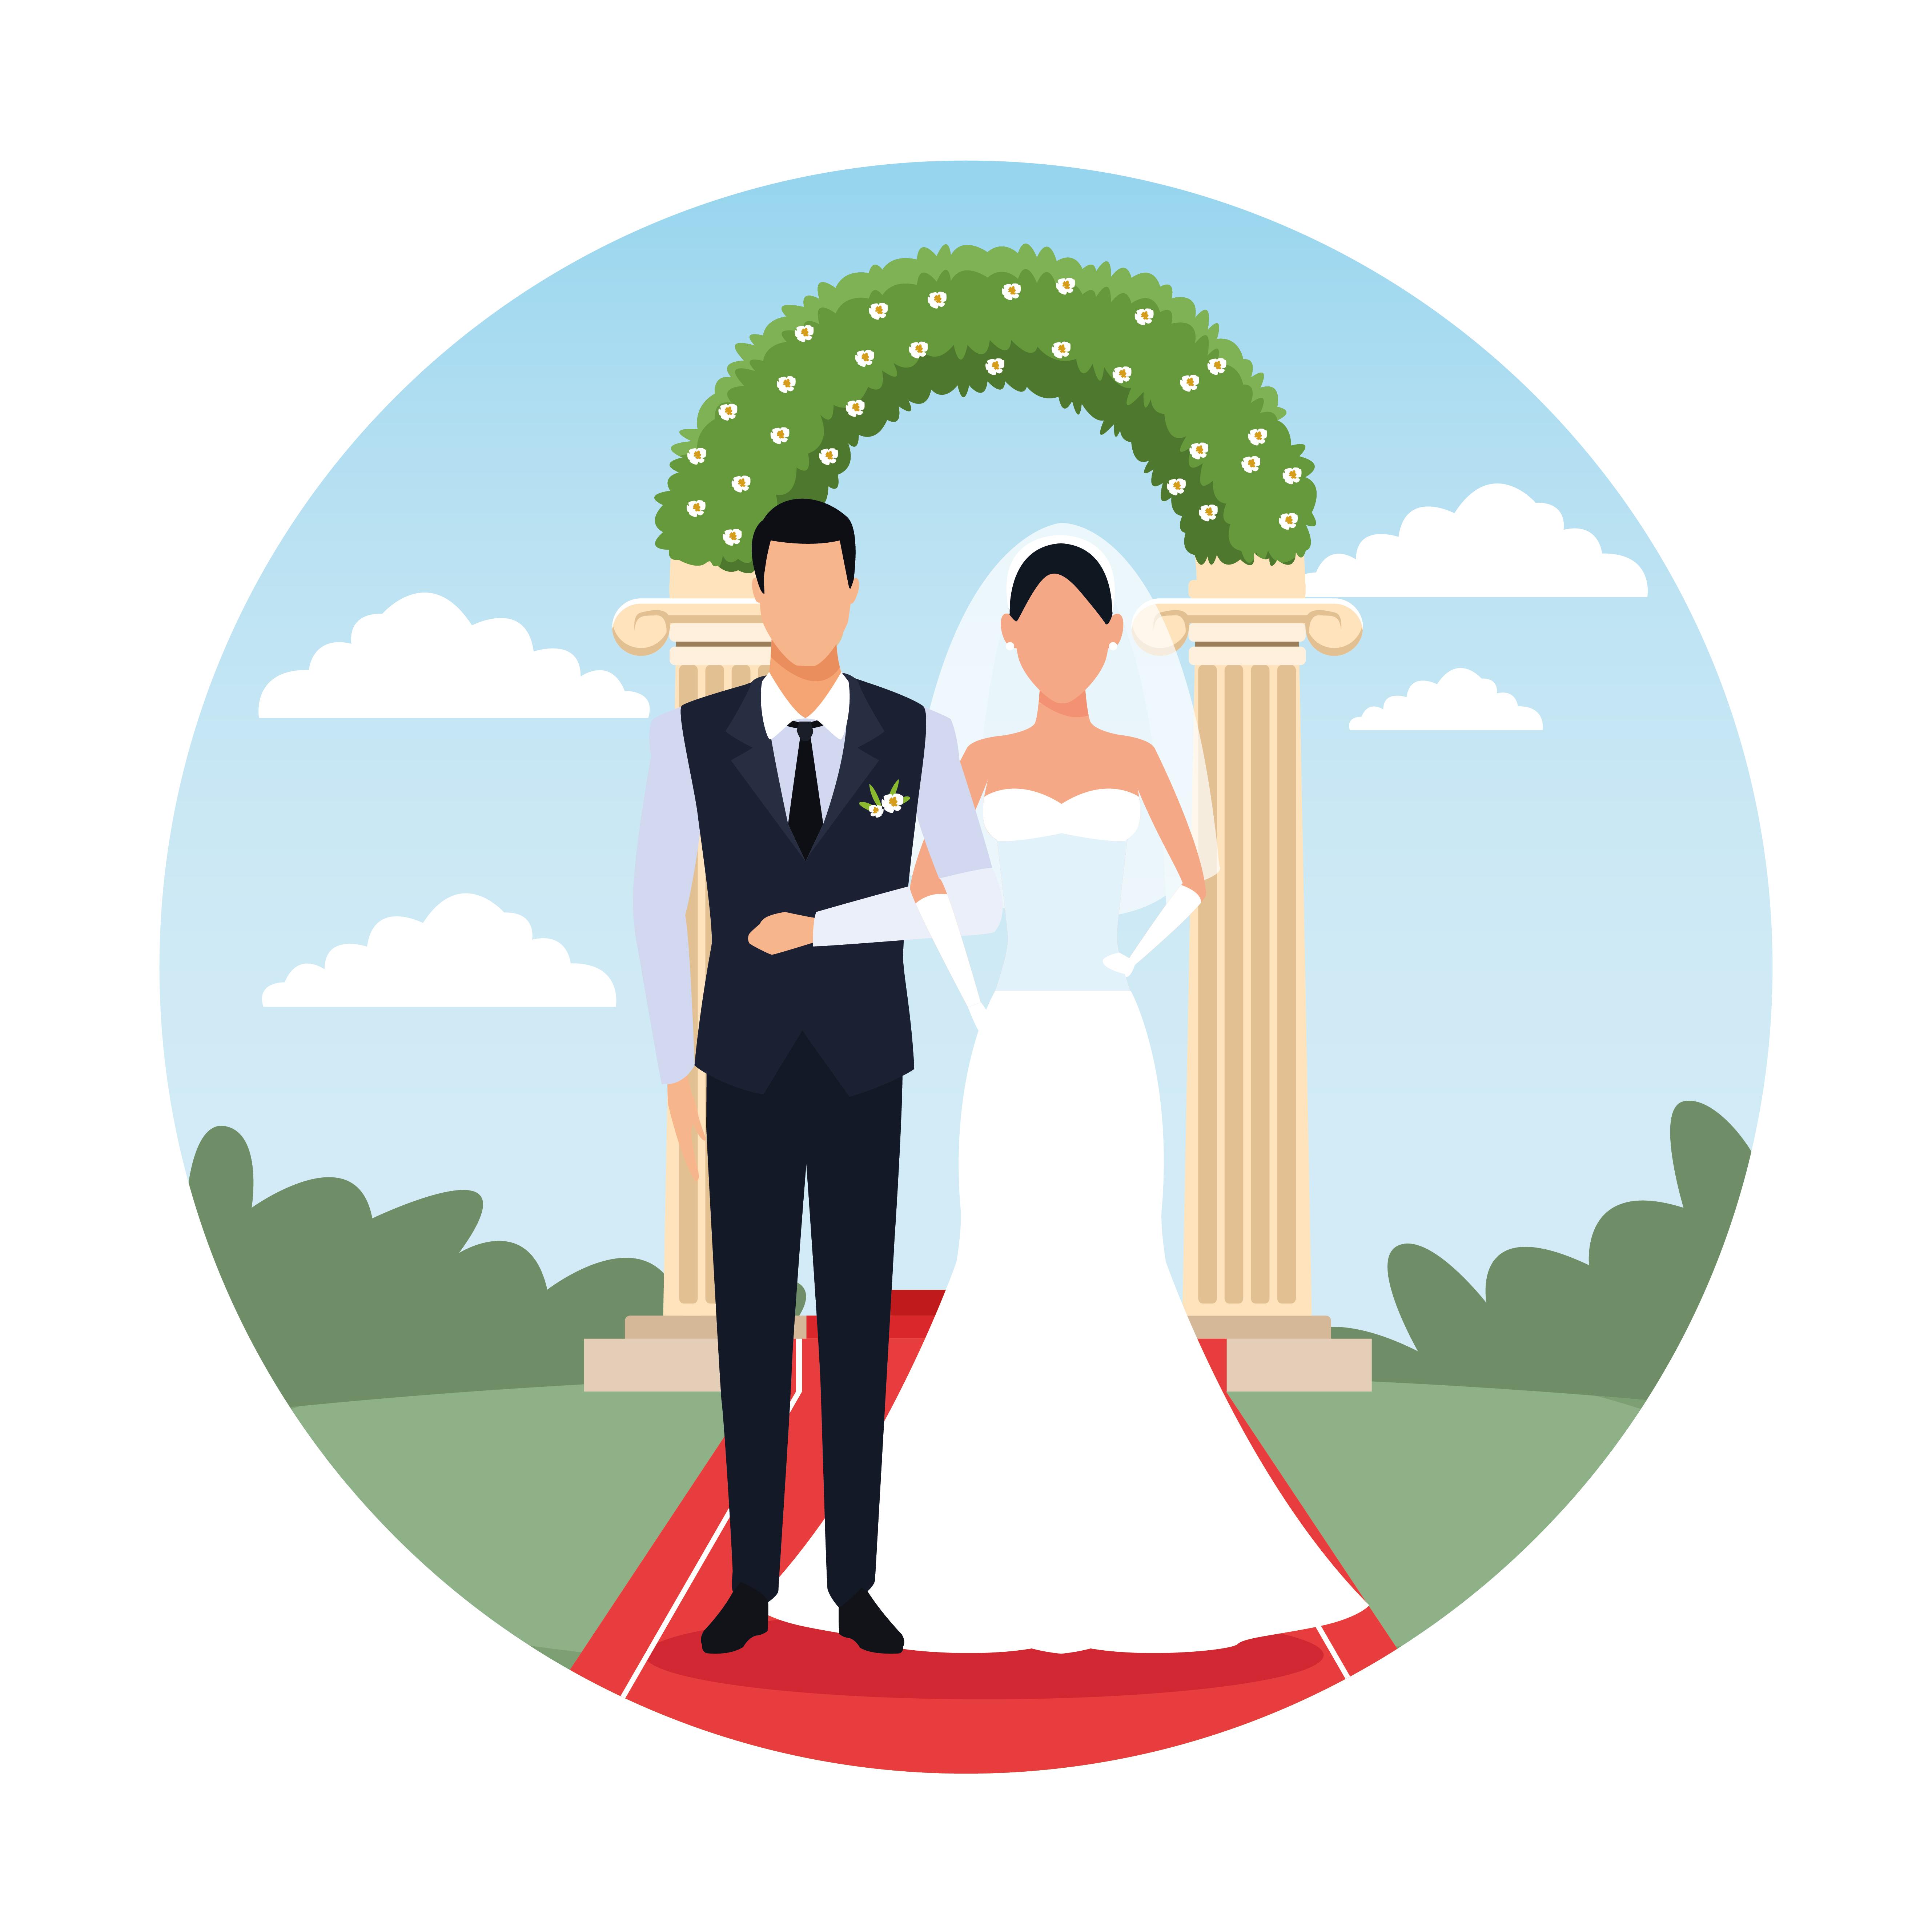 Wedding Couple Cartoon In Front Of Columns Download Free Vectors Clipart Graphics Vector Art